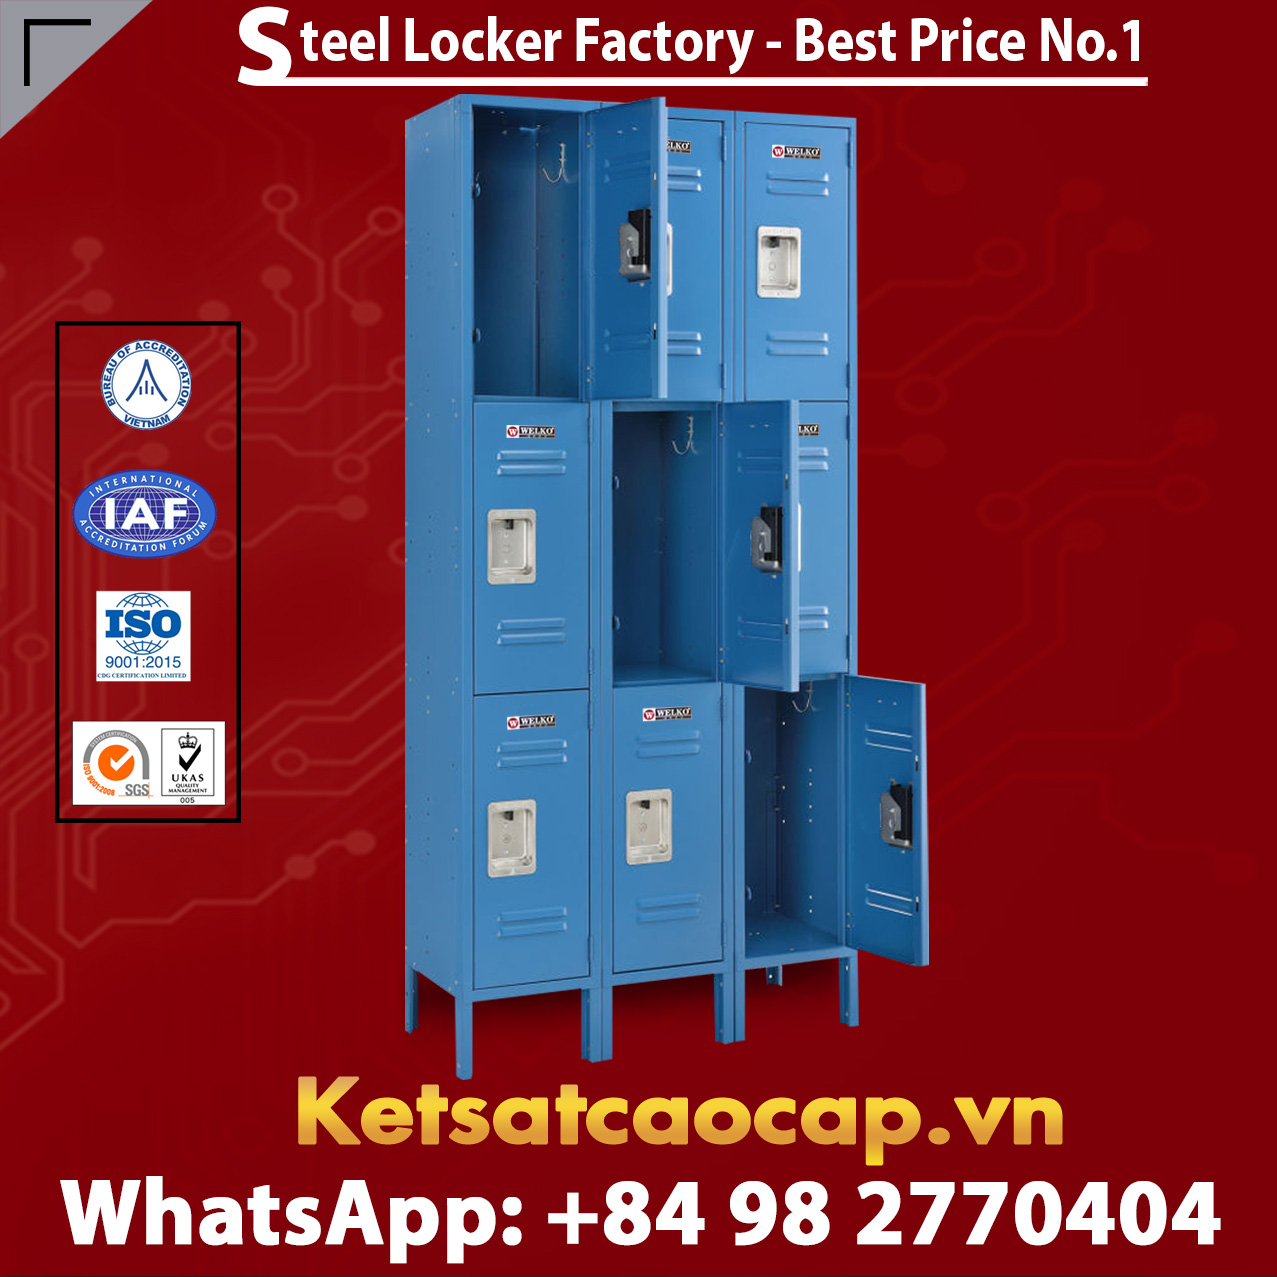 Steel Locker 3 Tier 12 x 15 x 24 9 Door Ready To Assemble Blue